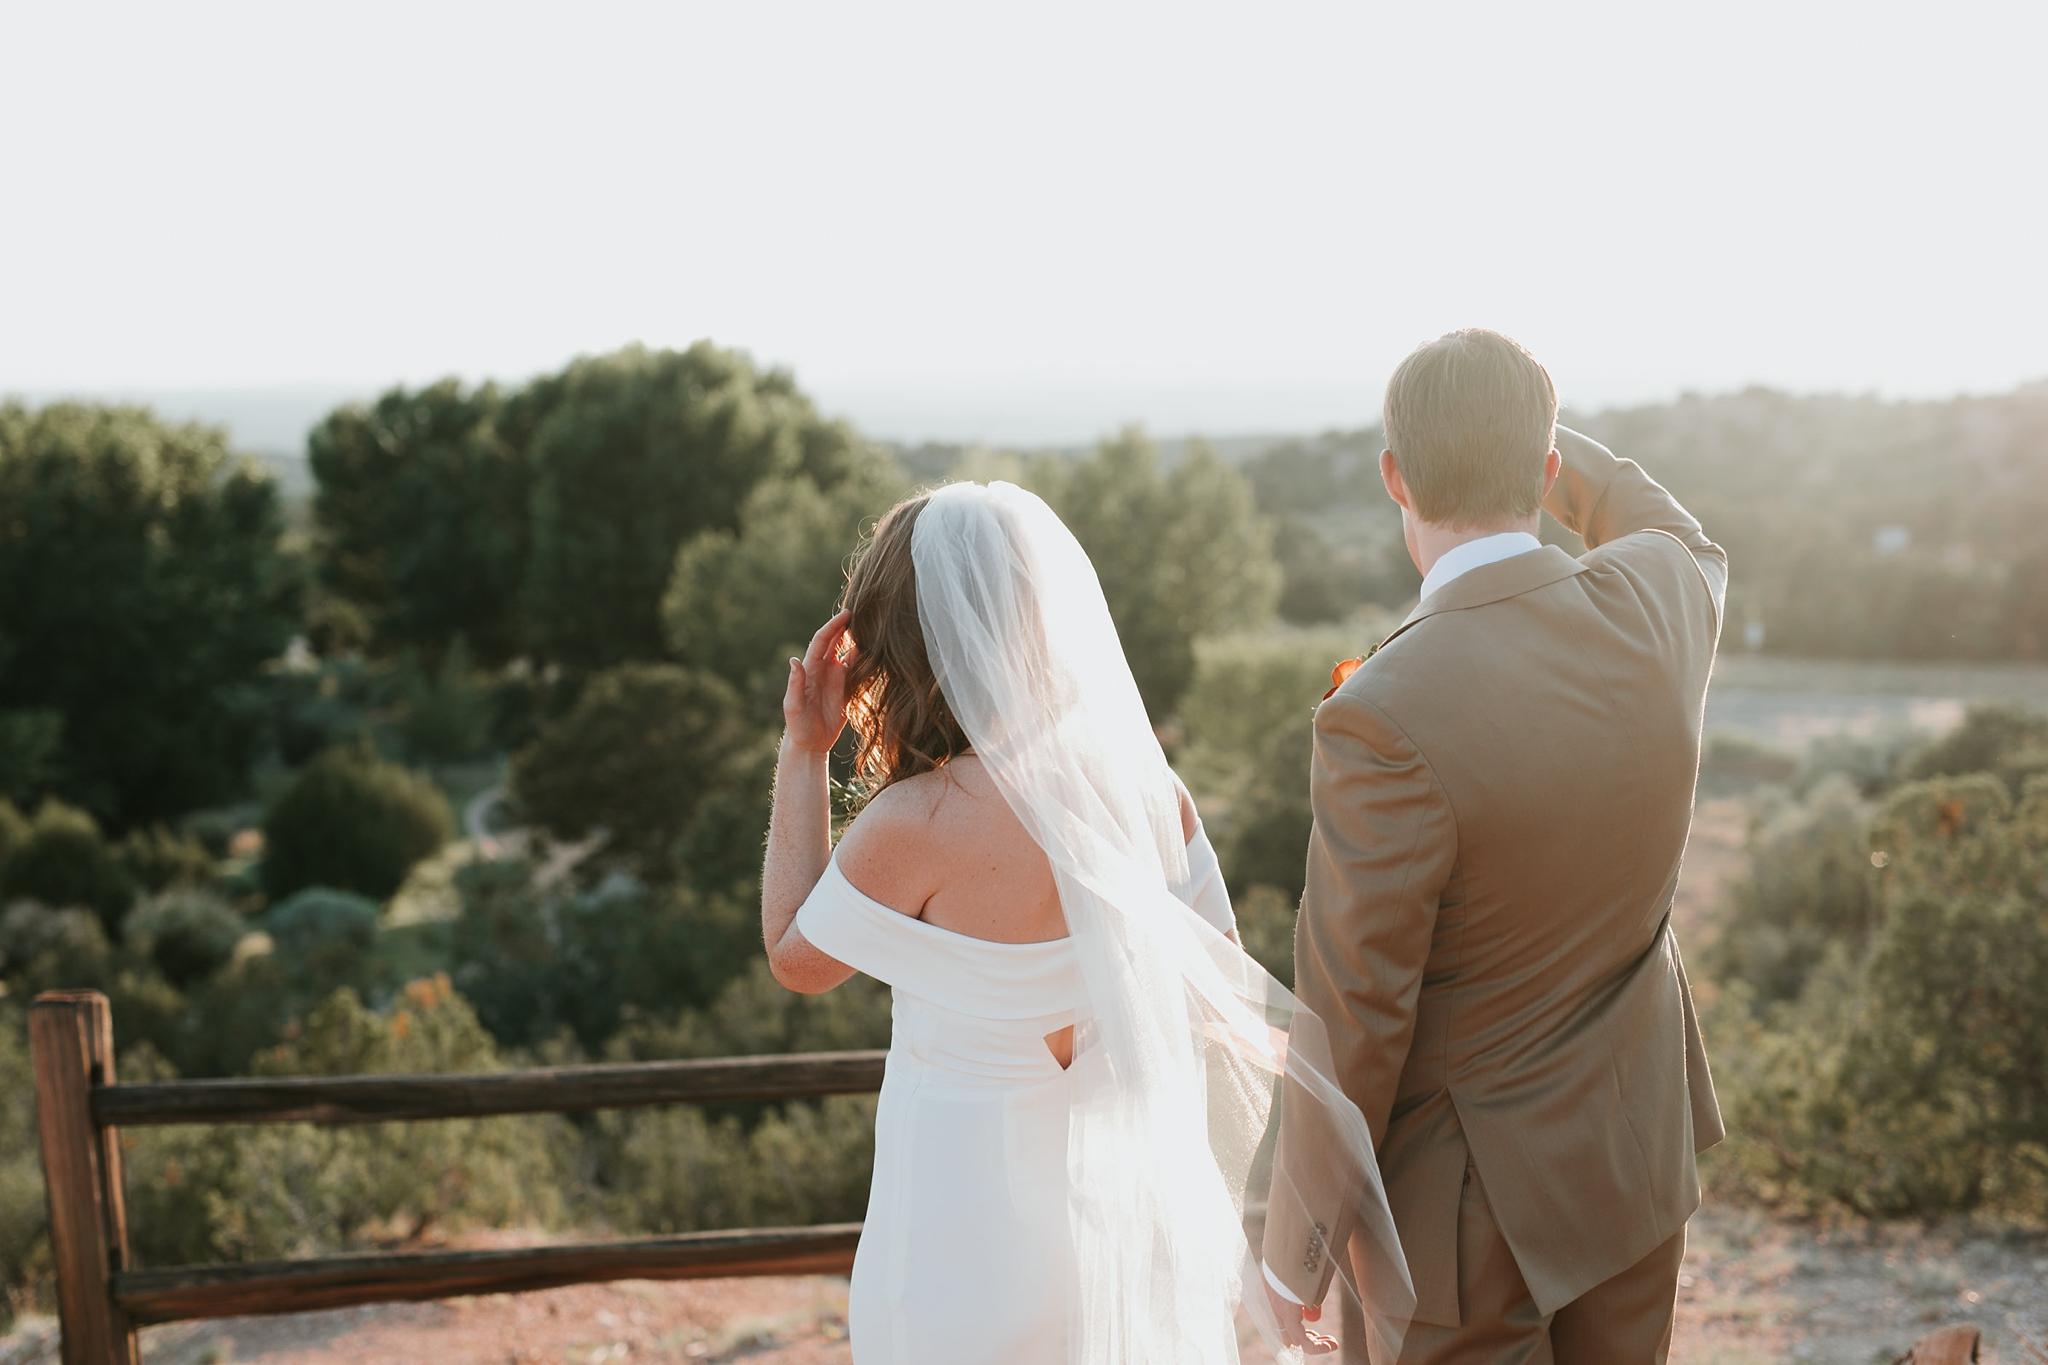 Alicia+lucia+photography+-+albuquerque+wedding+photographer+-+santa+fe+wedding+photography+-+new+mexico+wedding+photographer+-+new+mexico+wedding+-+wedding+photographer+-+wedding+photographer+team_0202.jpg